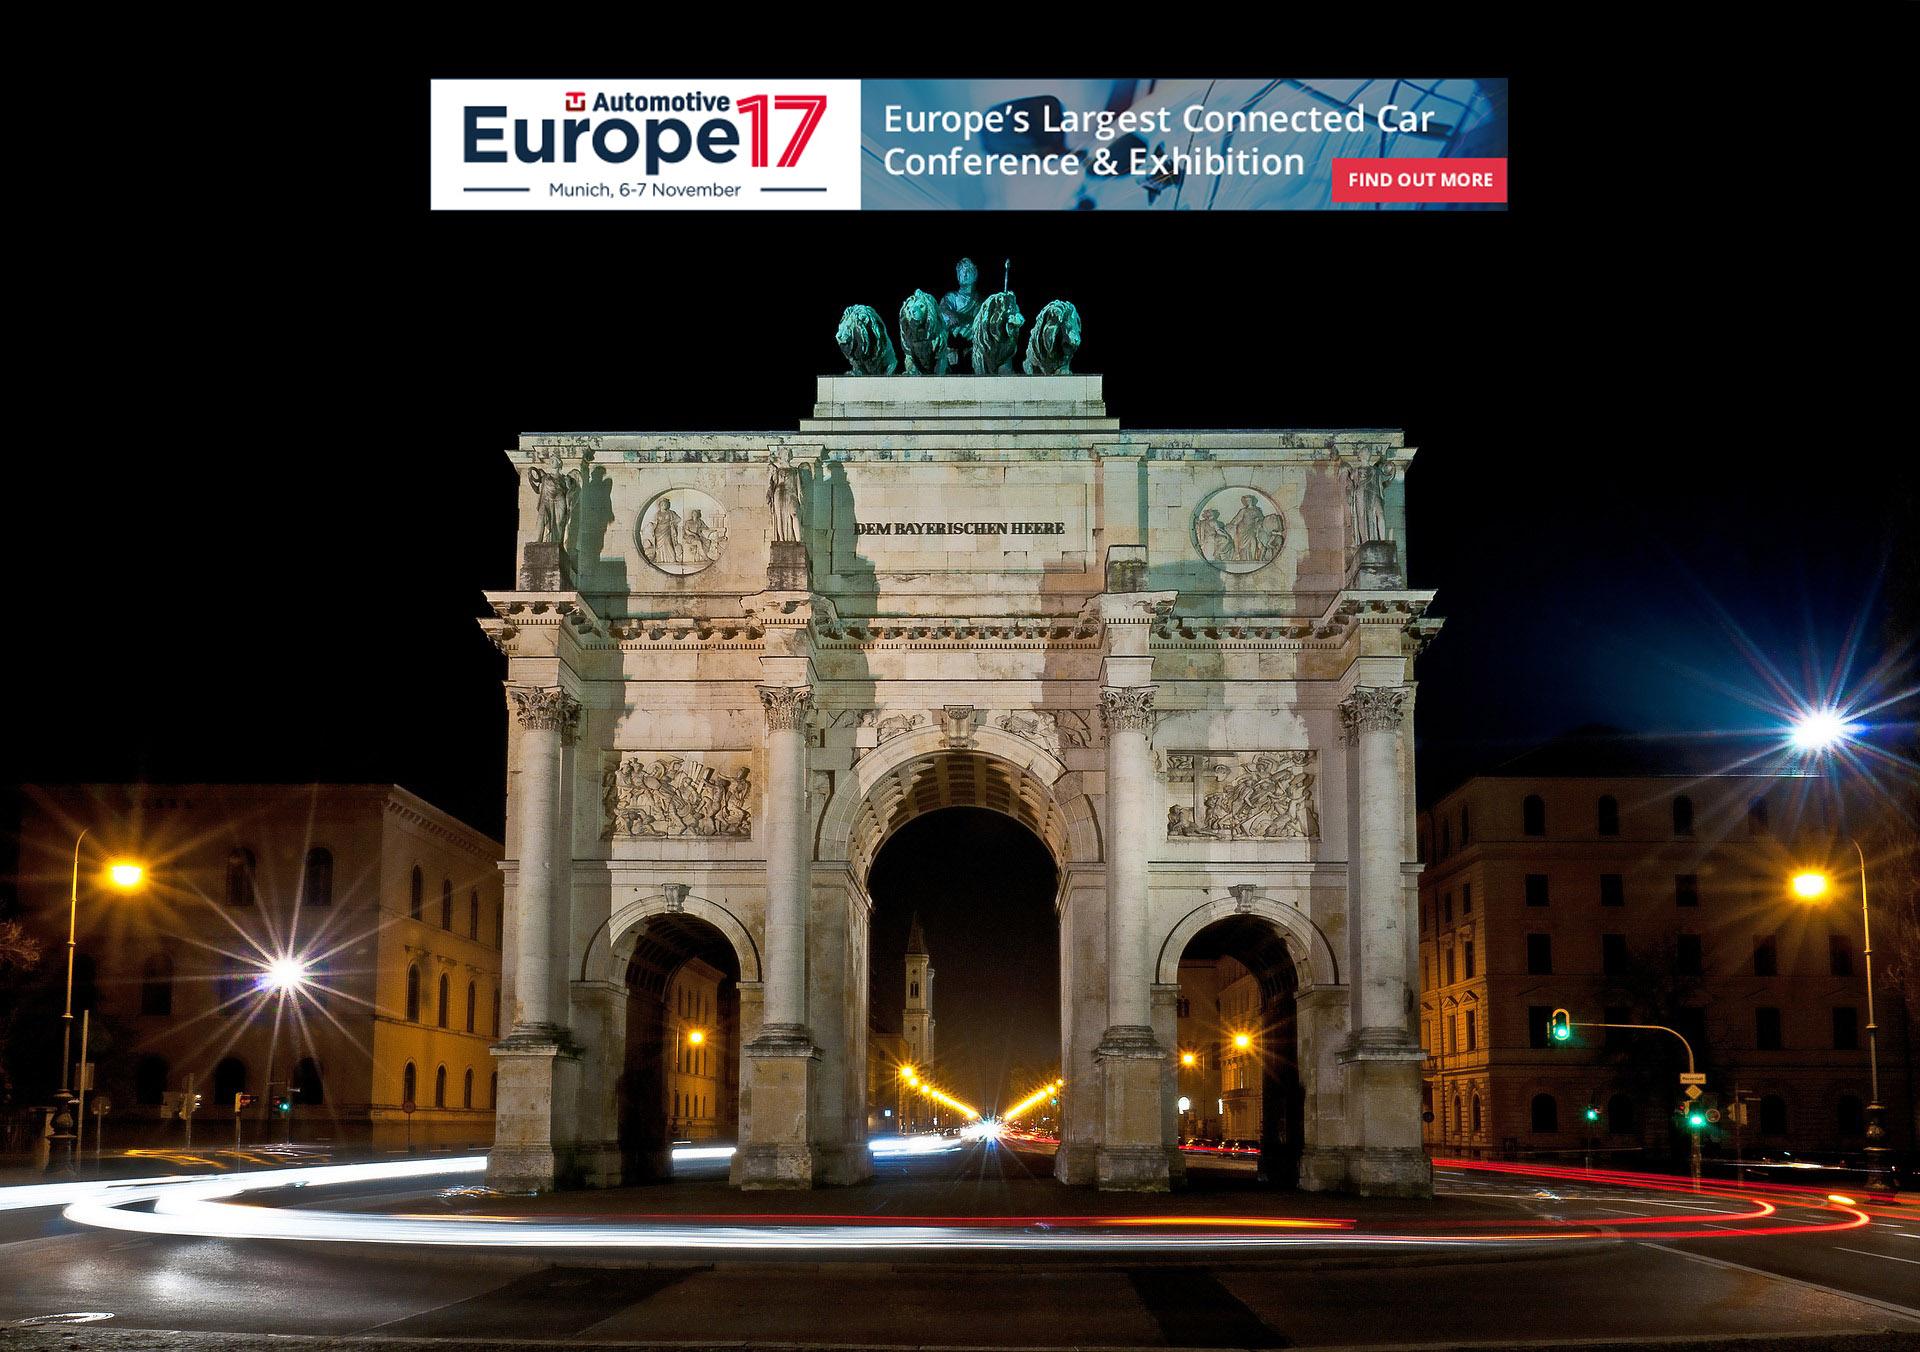 TU Automotive Europe 2017, Nov 6-7, Munich